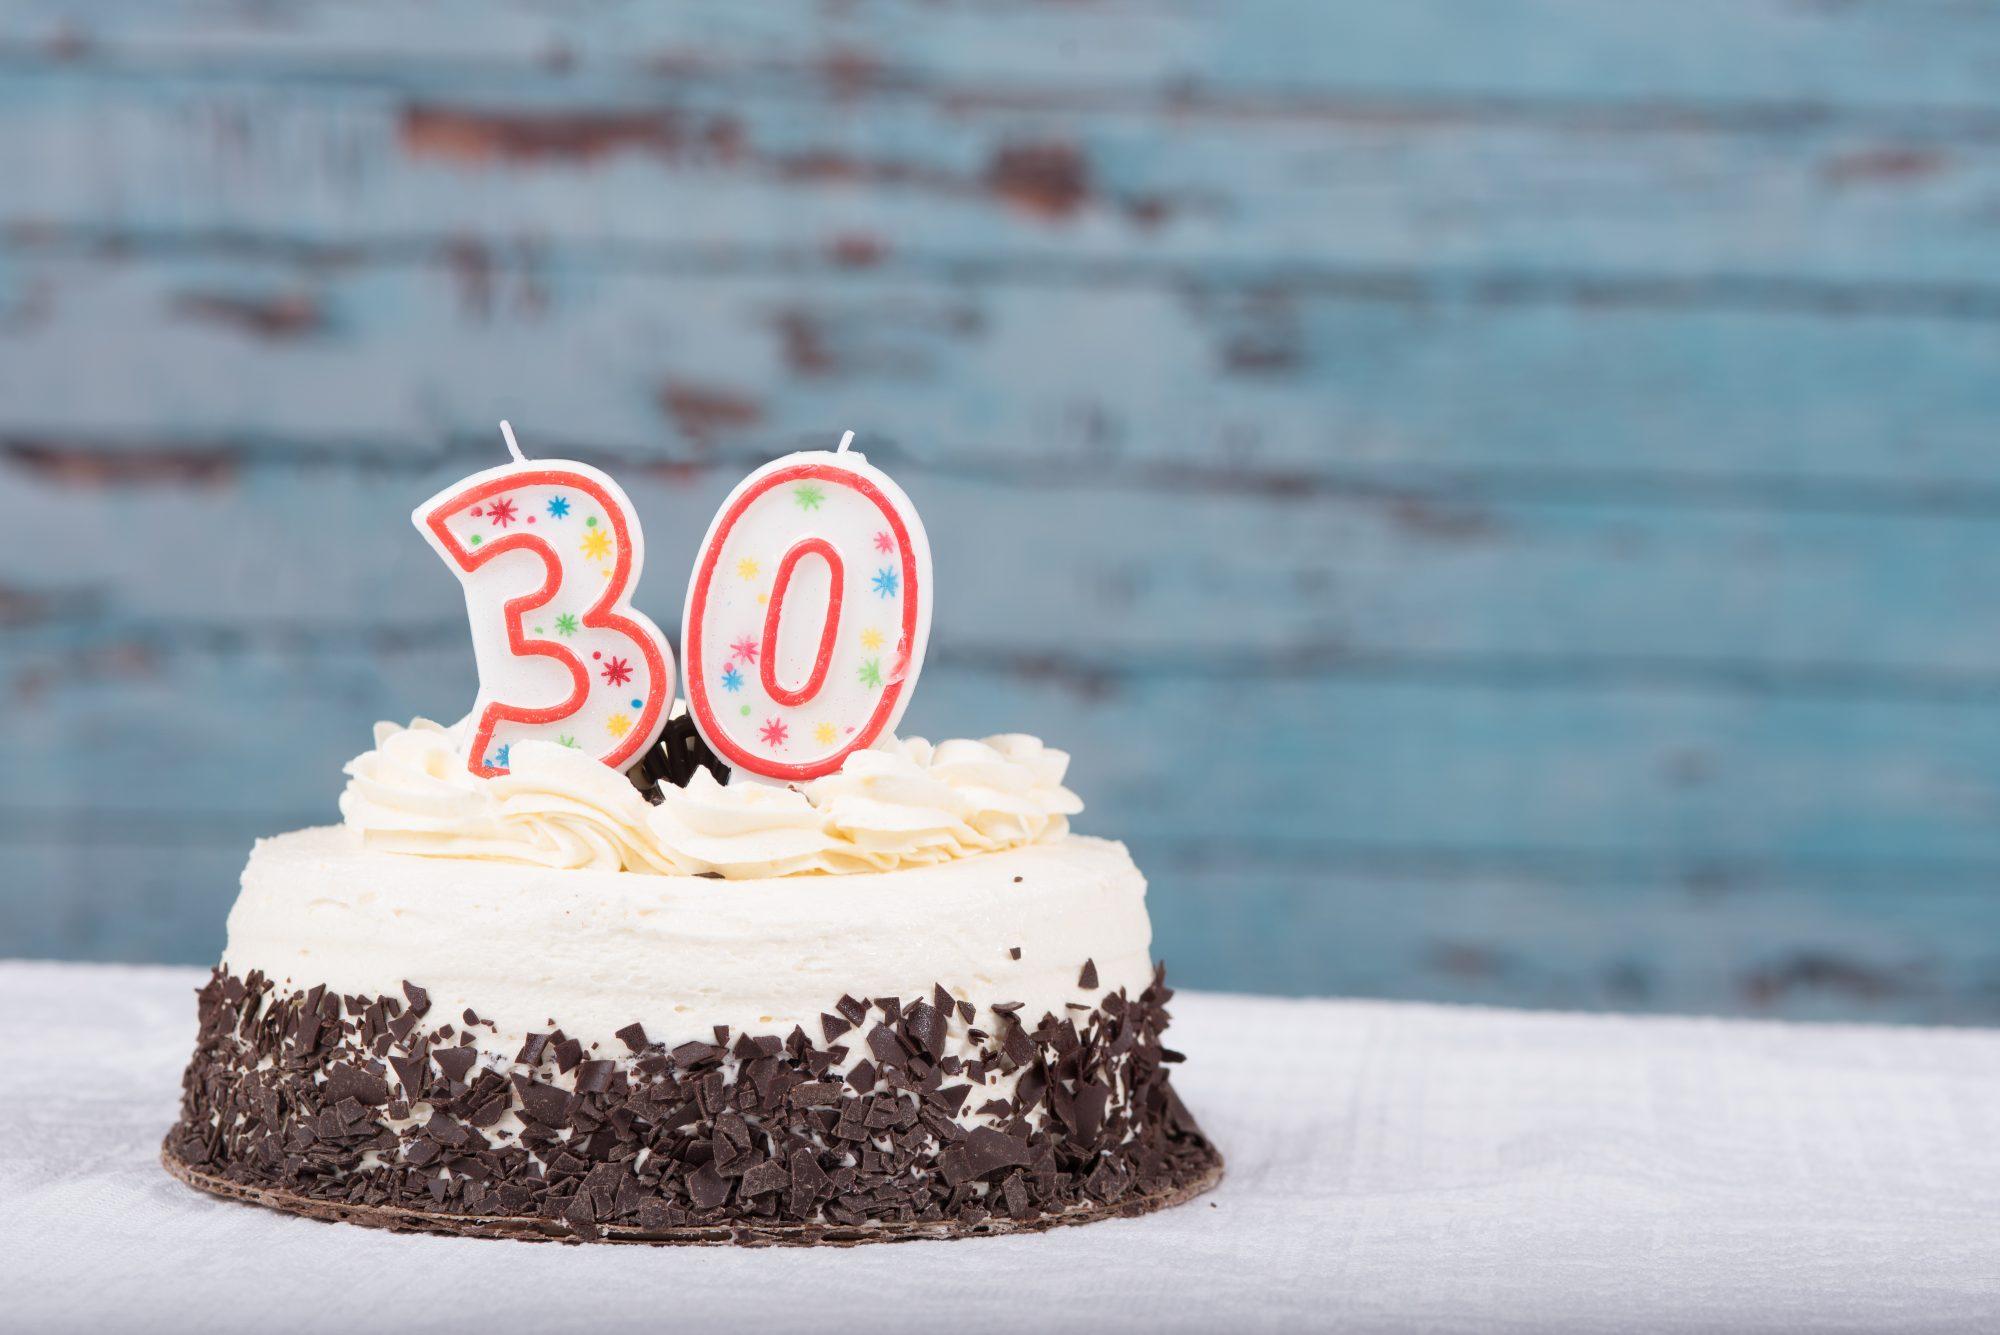 30 Birthday Corona Virus